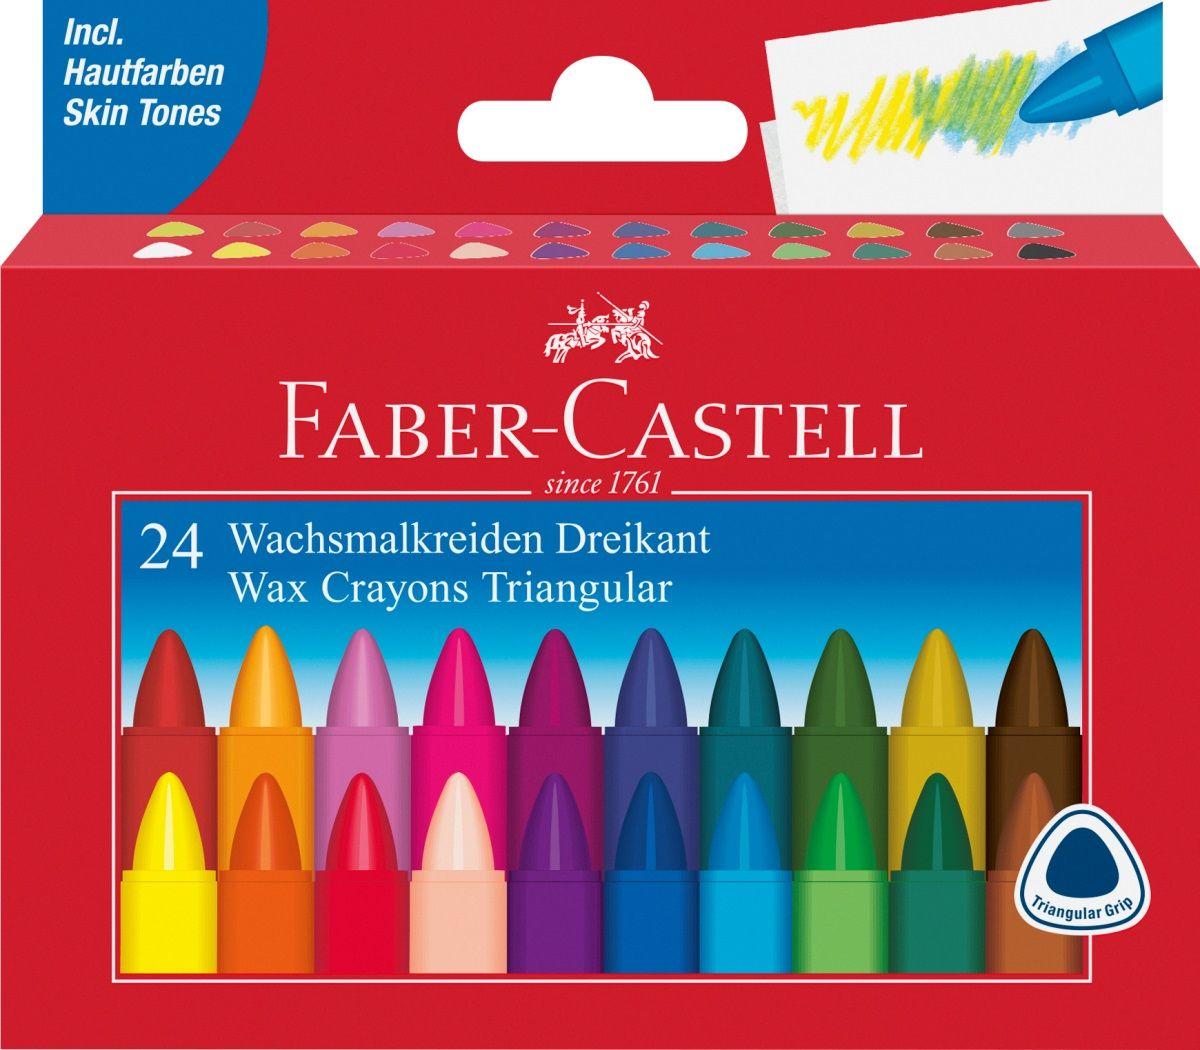 Faber-Castell Набор восковых карандашей Triangular трехгранные 24 цветаC13S041944 эргономичная трехгранная форма яркие цвета водоустойчивые пригодны для комбинирования различныхтехник захват, оснащенный защитной гигроскопичнойбумагой